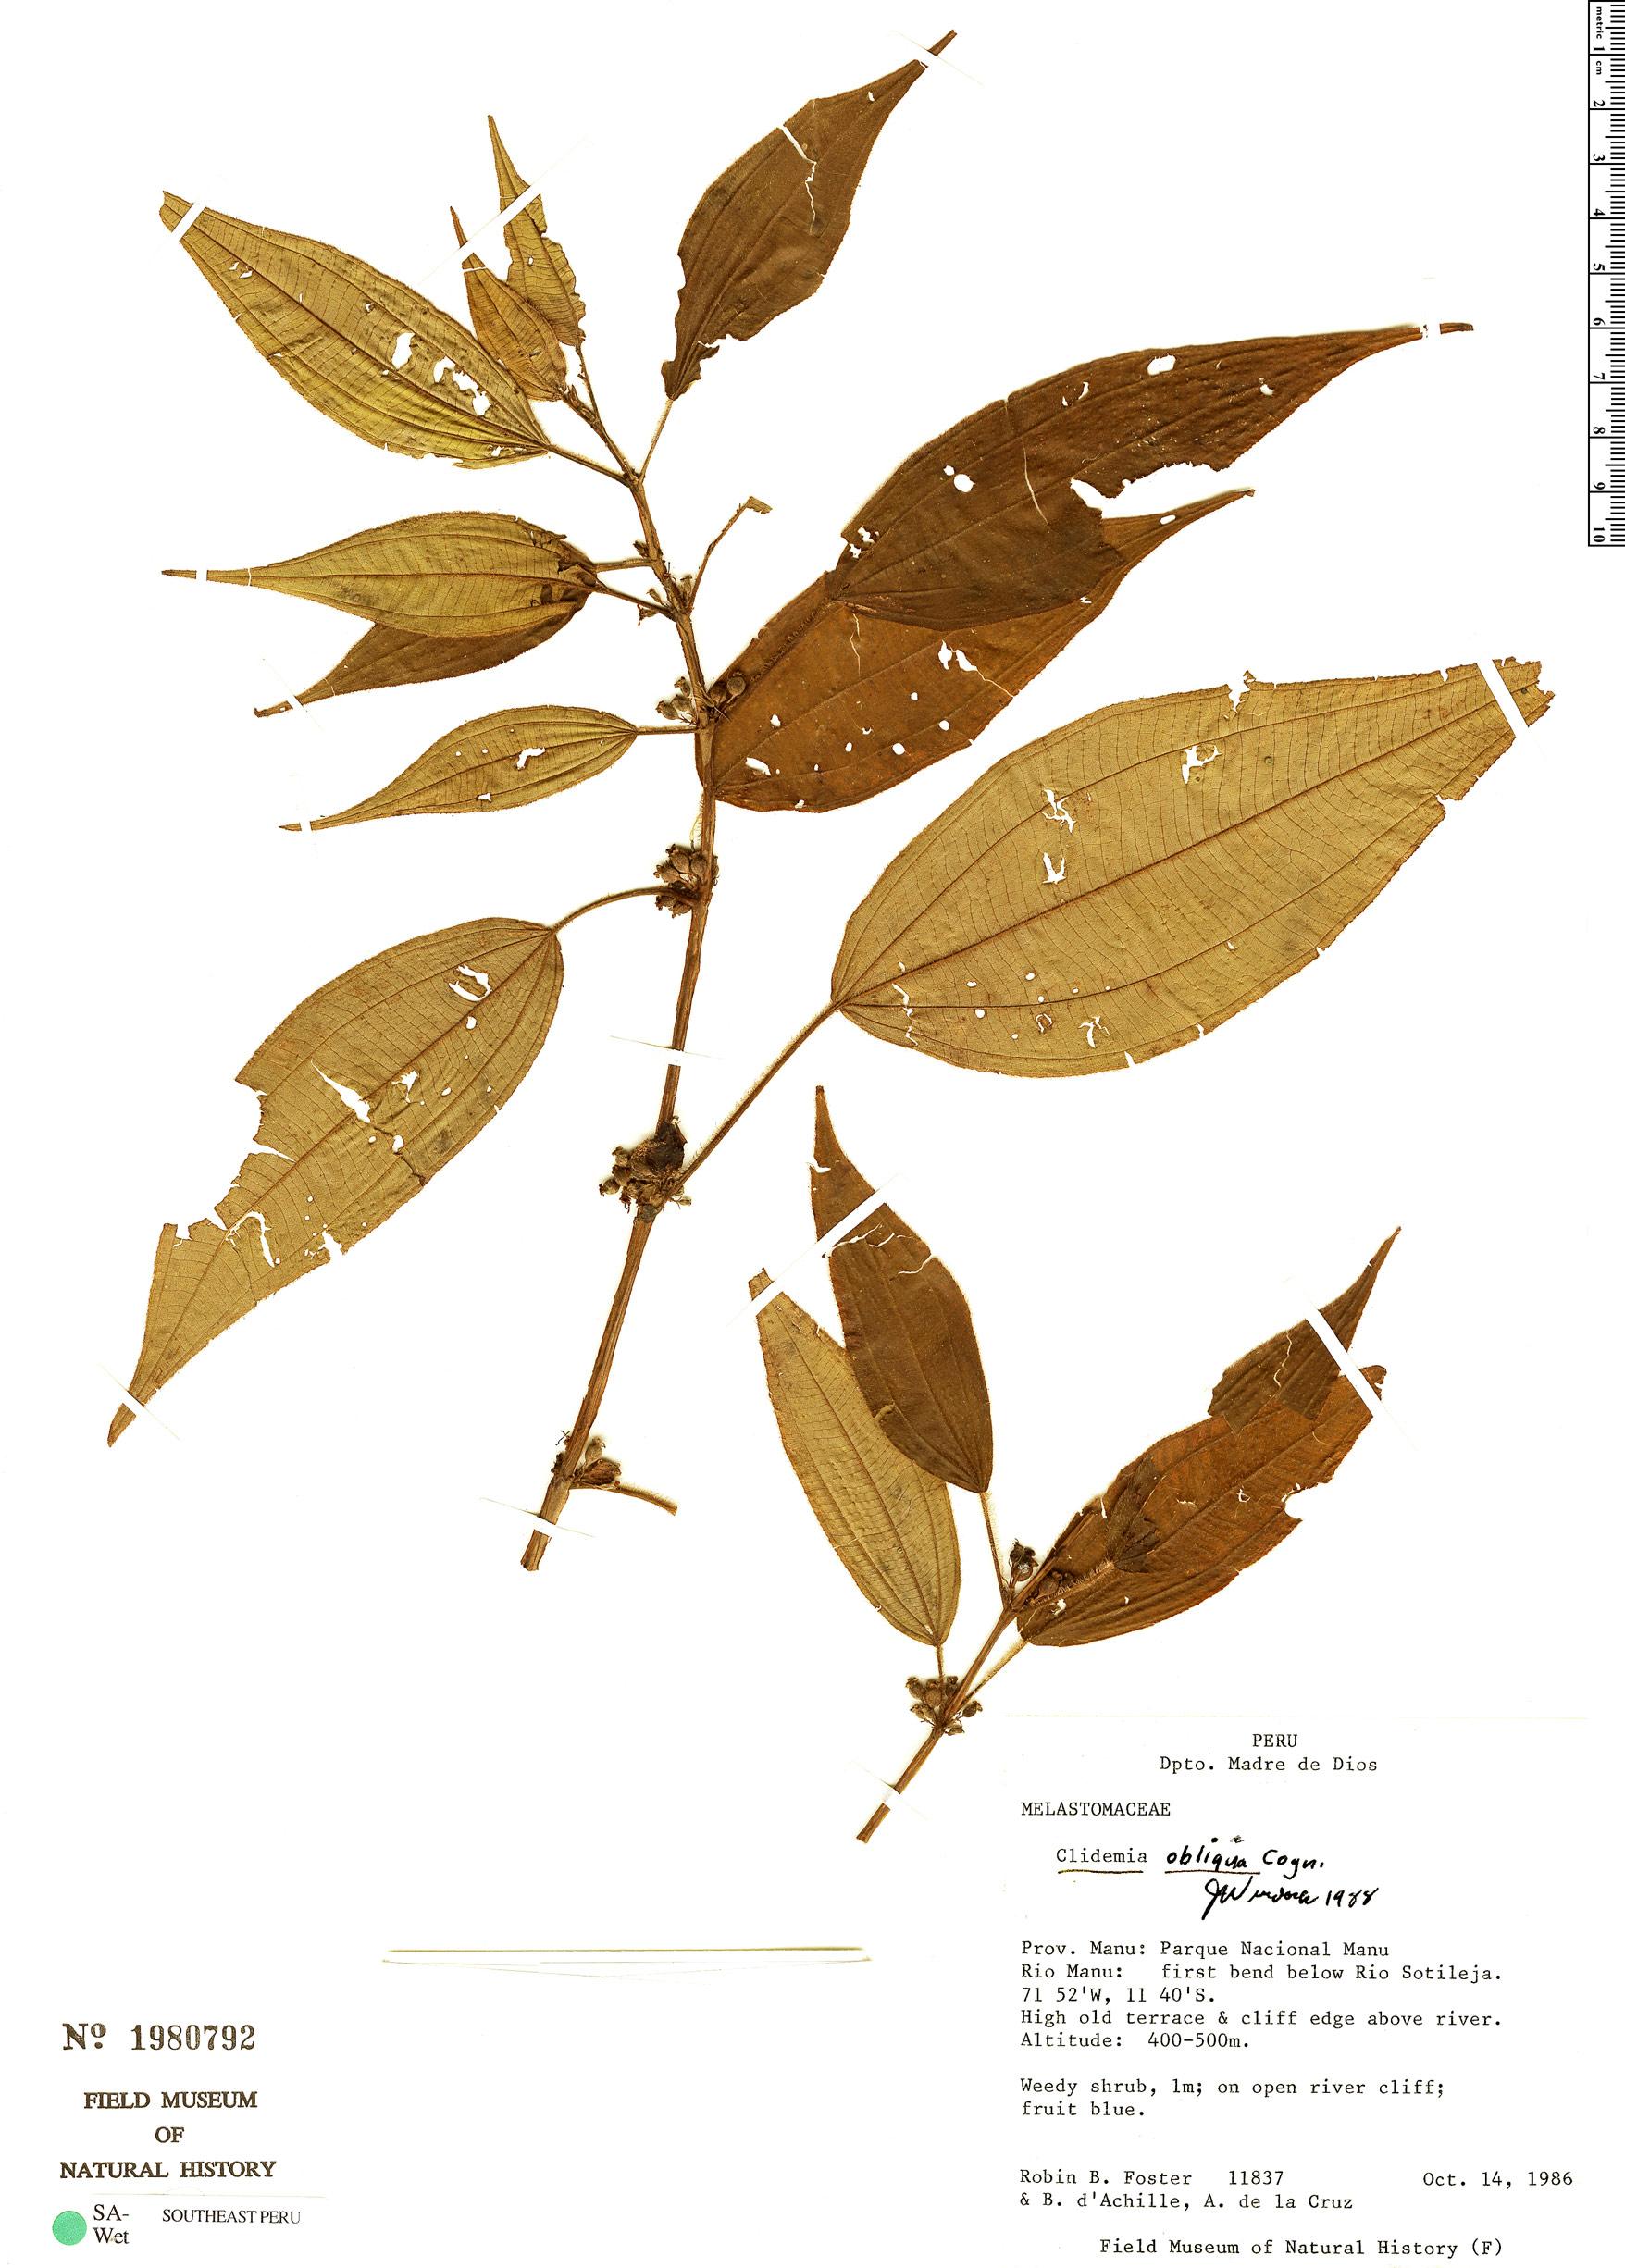 Specimen: Clidemia obliqua